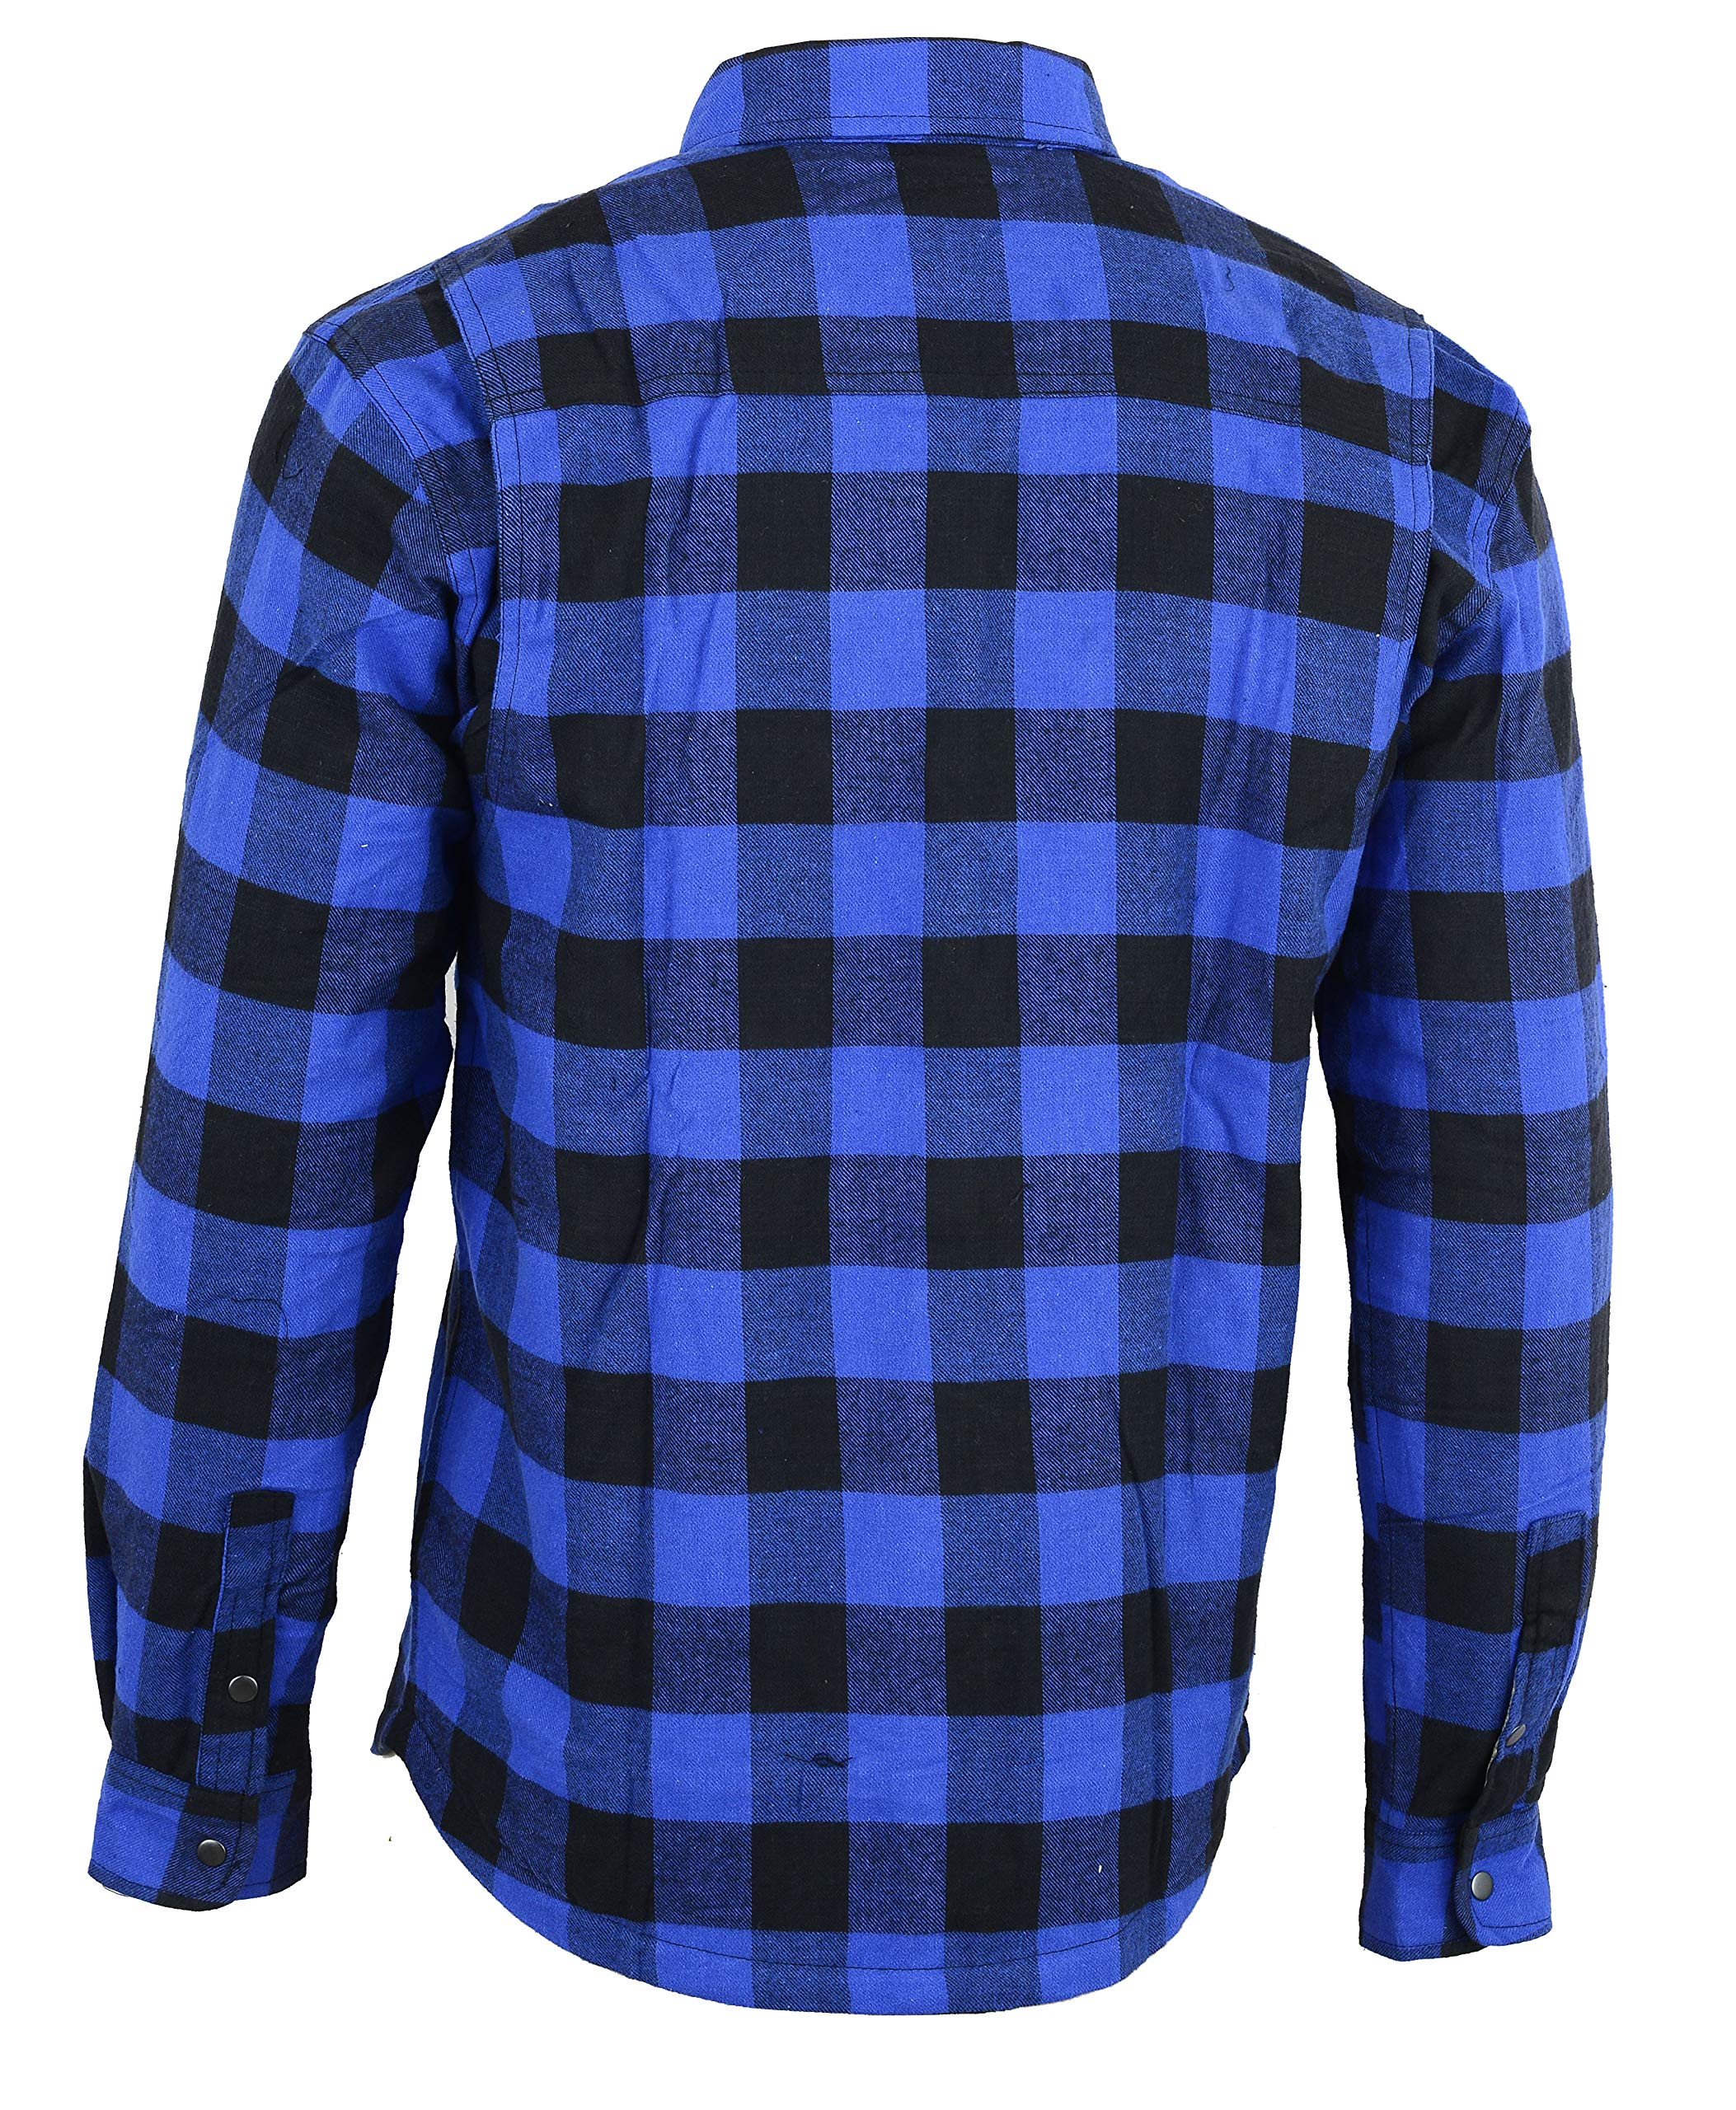 Bikers Gear Australia - Camisa protectora de franela para motocicleta con forro de aramida multicolor Azul y negro. medium: Amazon.es: Coche y moto